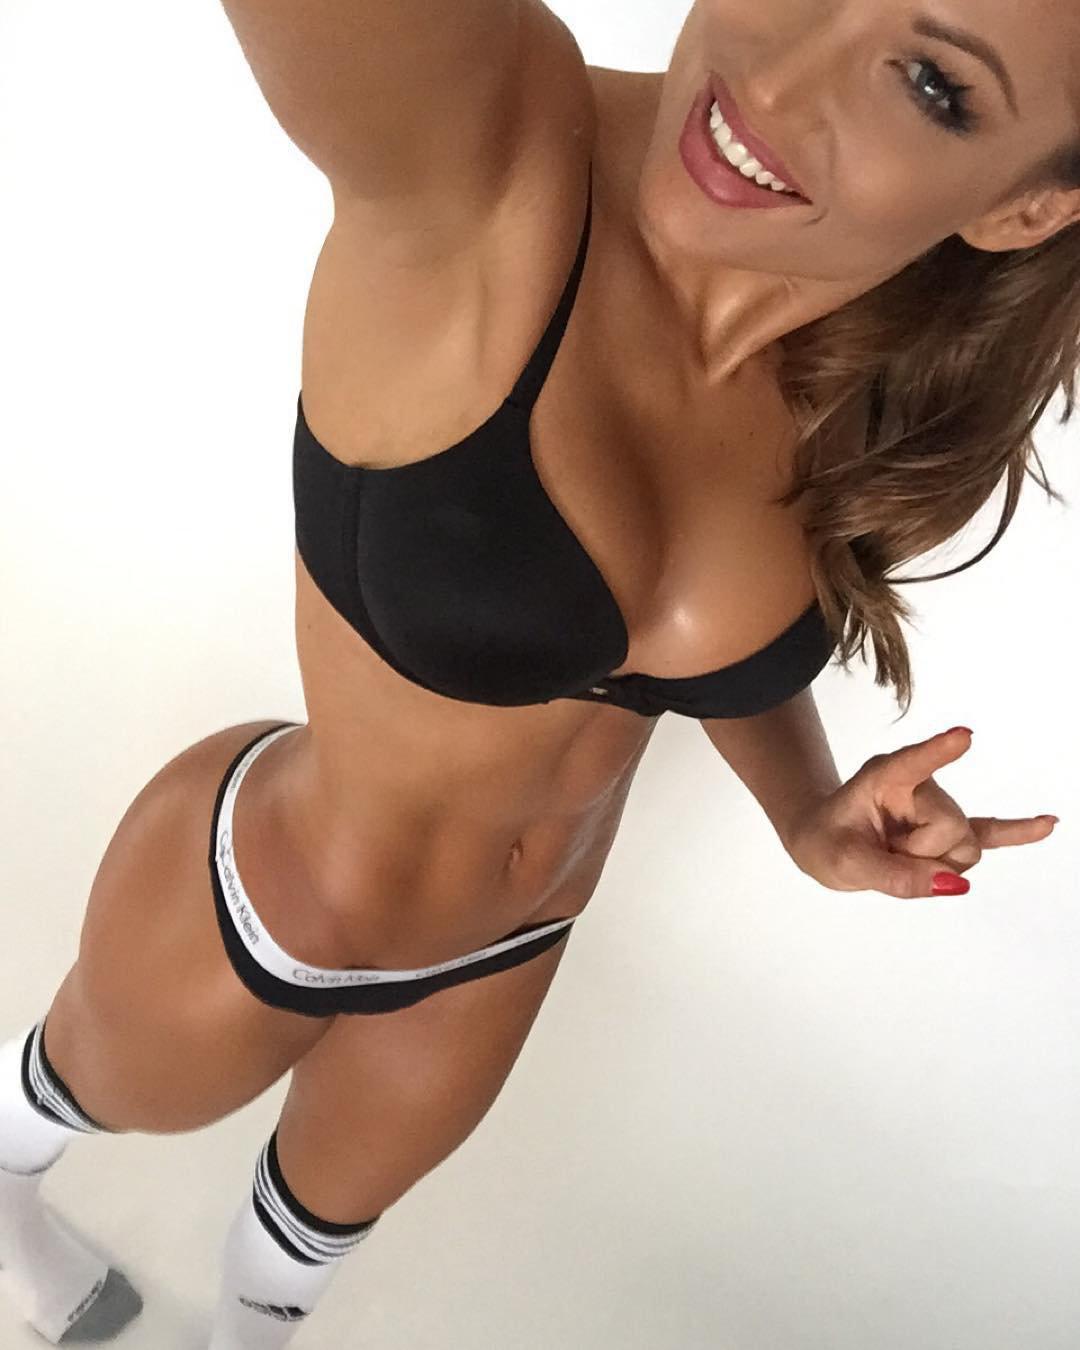 Fitness girl pov